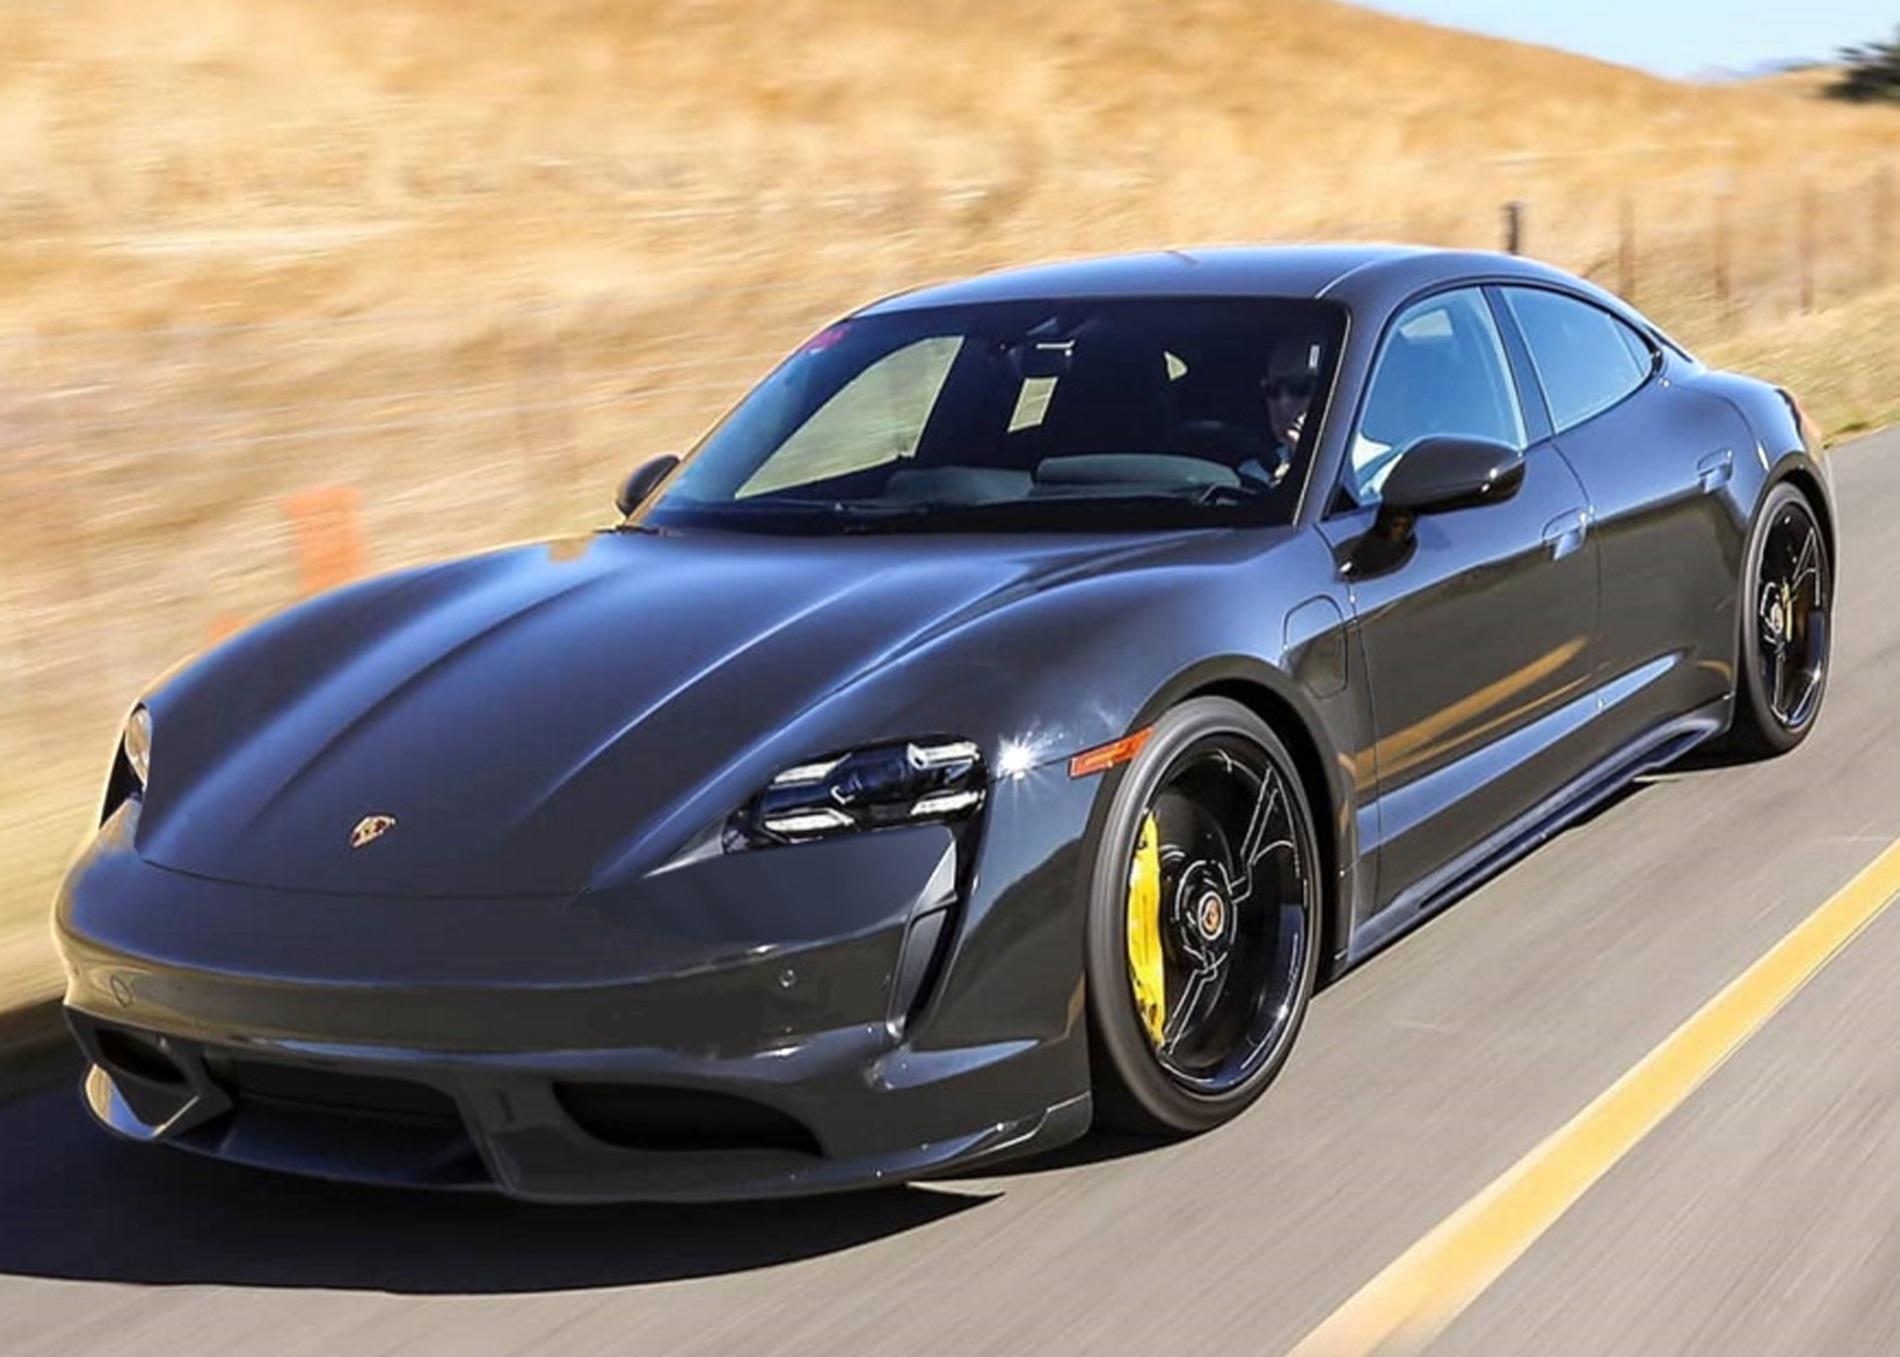 Porsche-Taycan-renderings-6